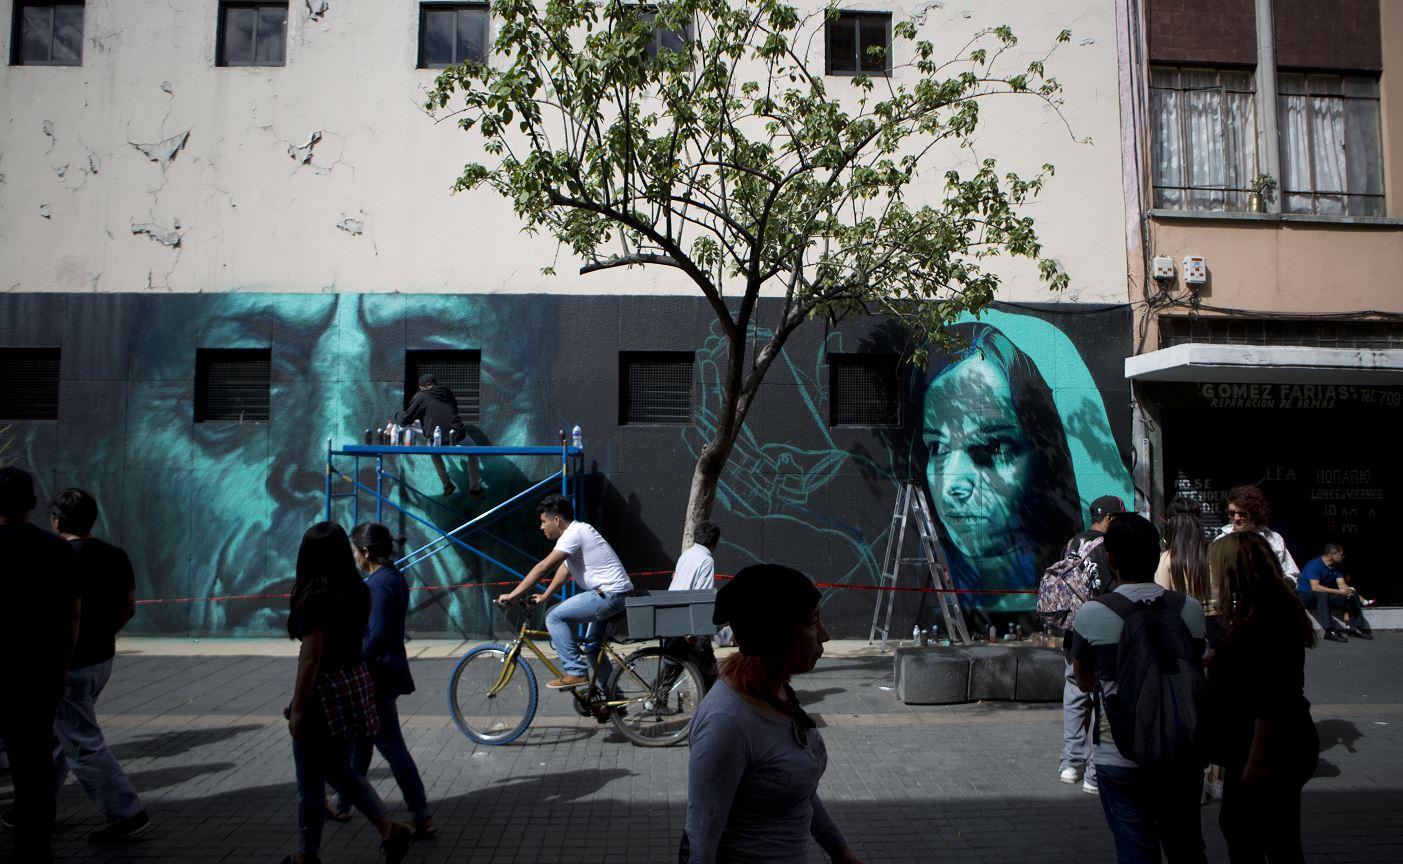 Graffiti ilegal afecta el 70 de las construcciones de la - Ap construcciones ...